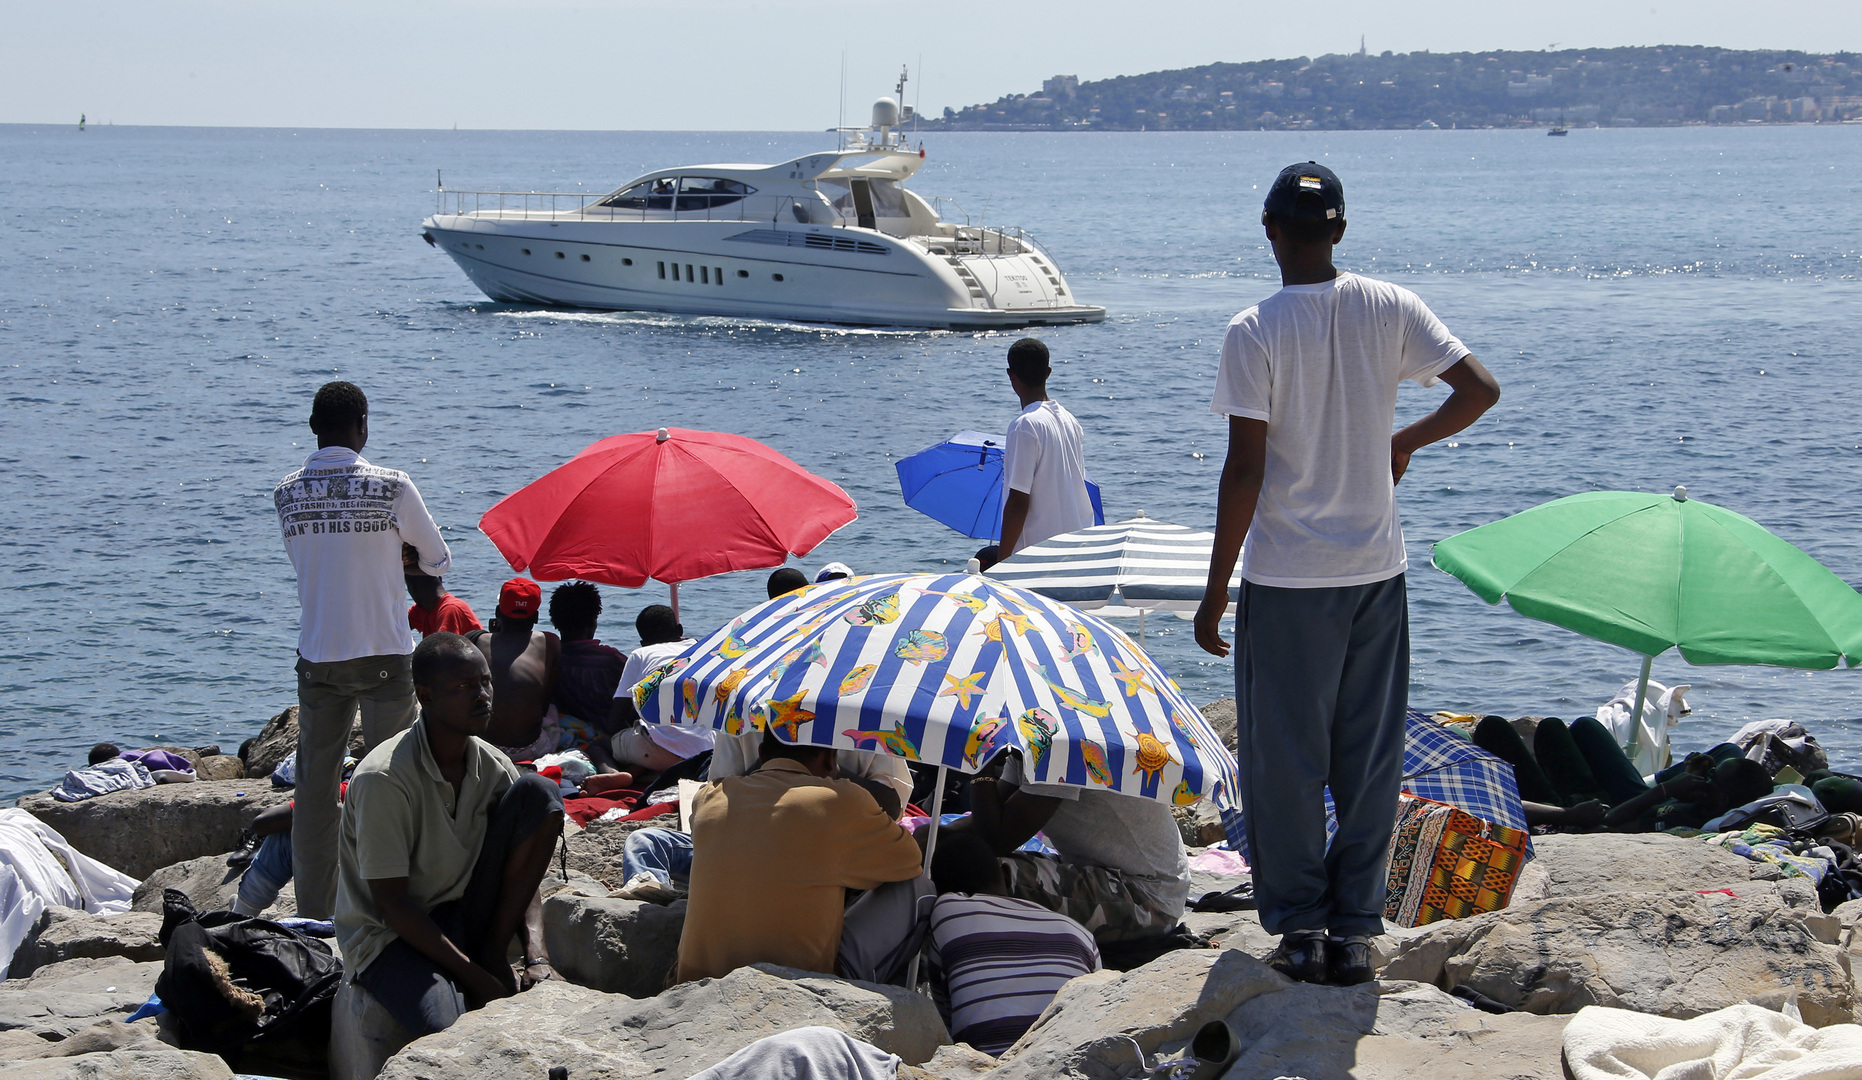 مسؤول إيطالي: لاتسيو بحاجة إلى سياح يدفعون لا مهاجرين ينشرون كورونا